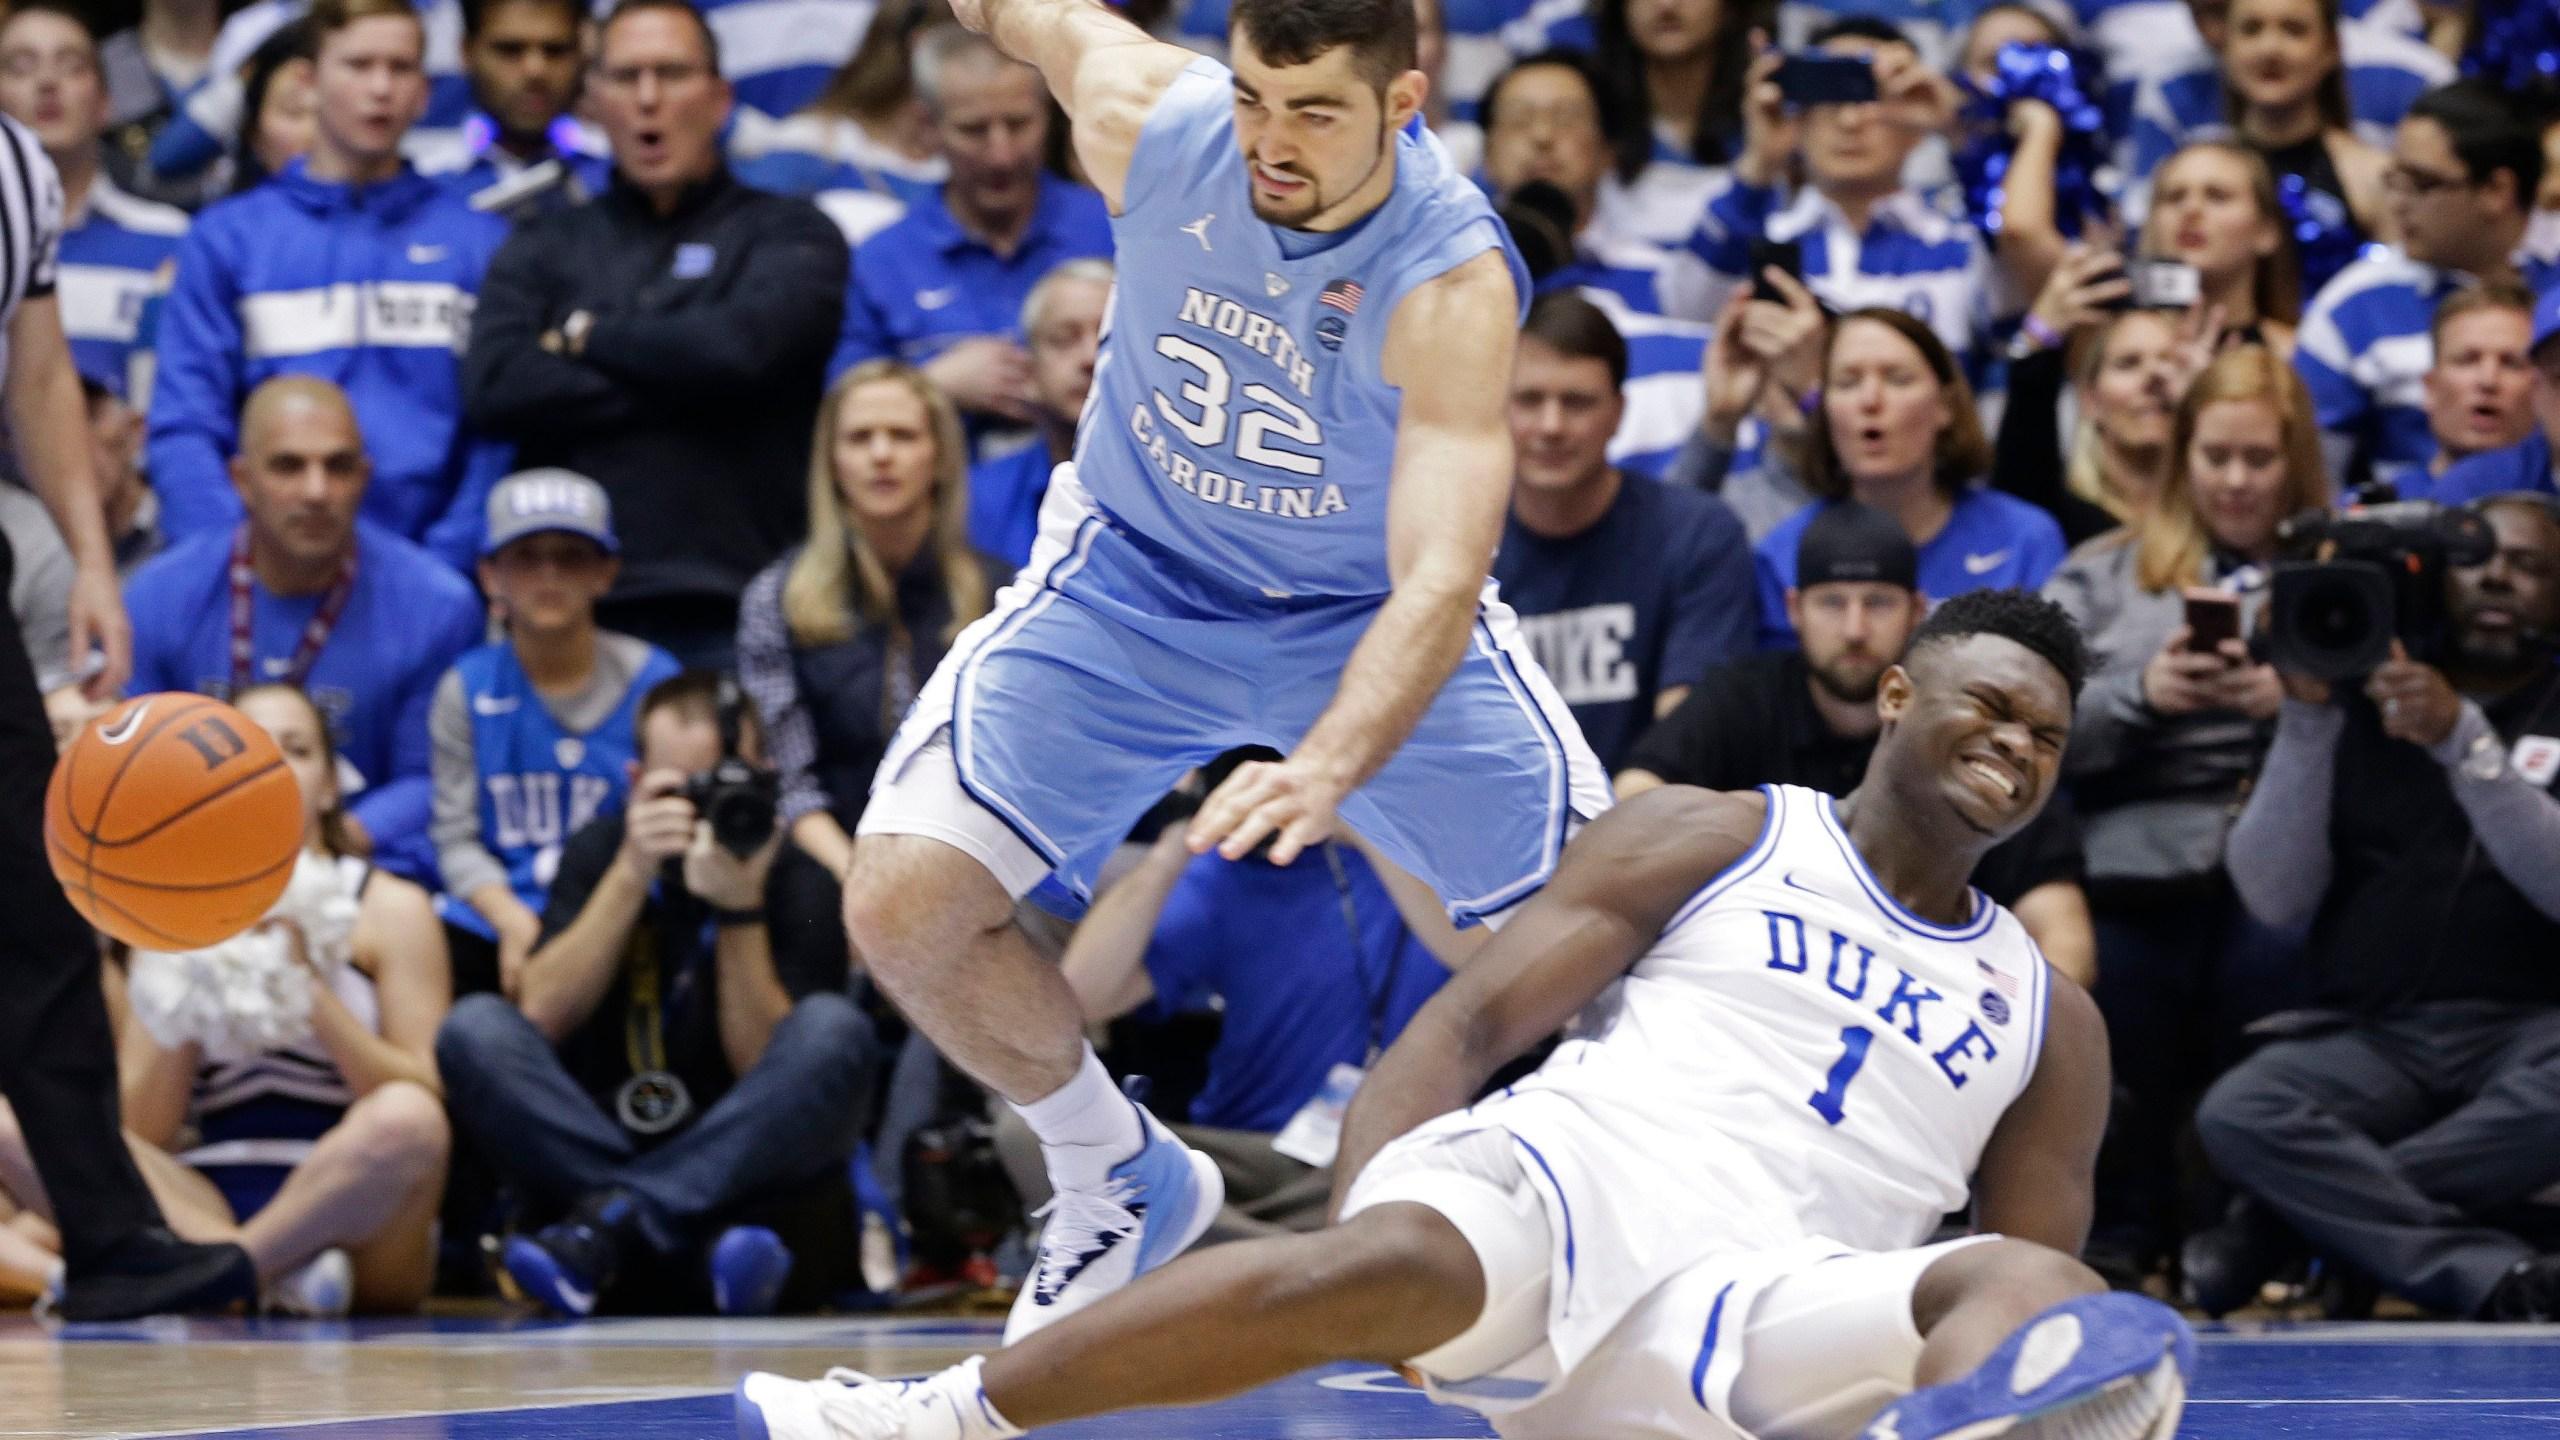 North Carolina Duke Basketball_1550723098520